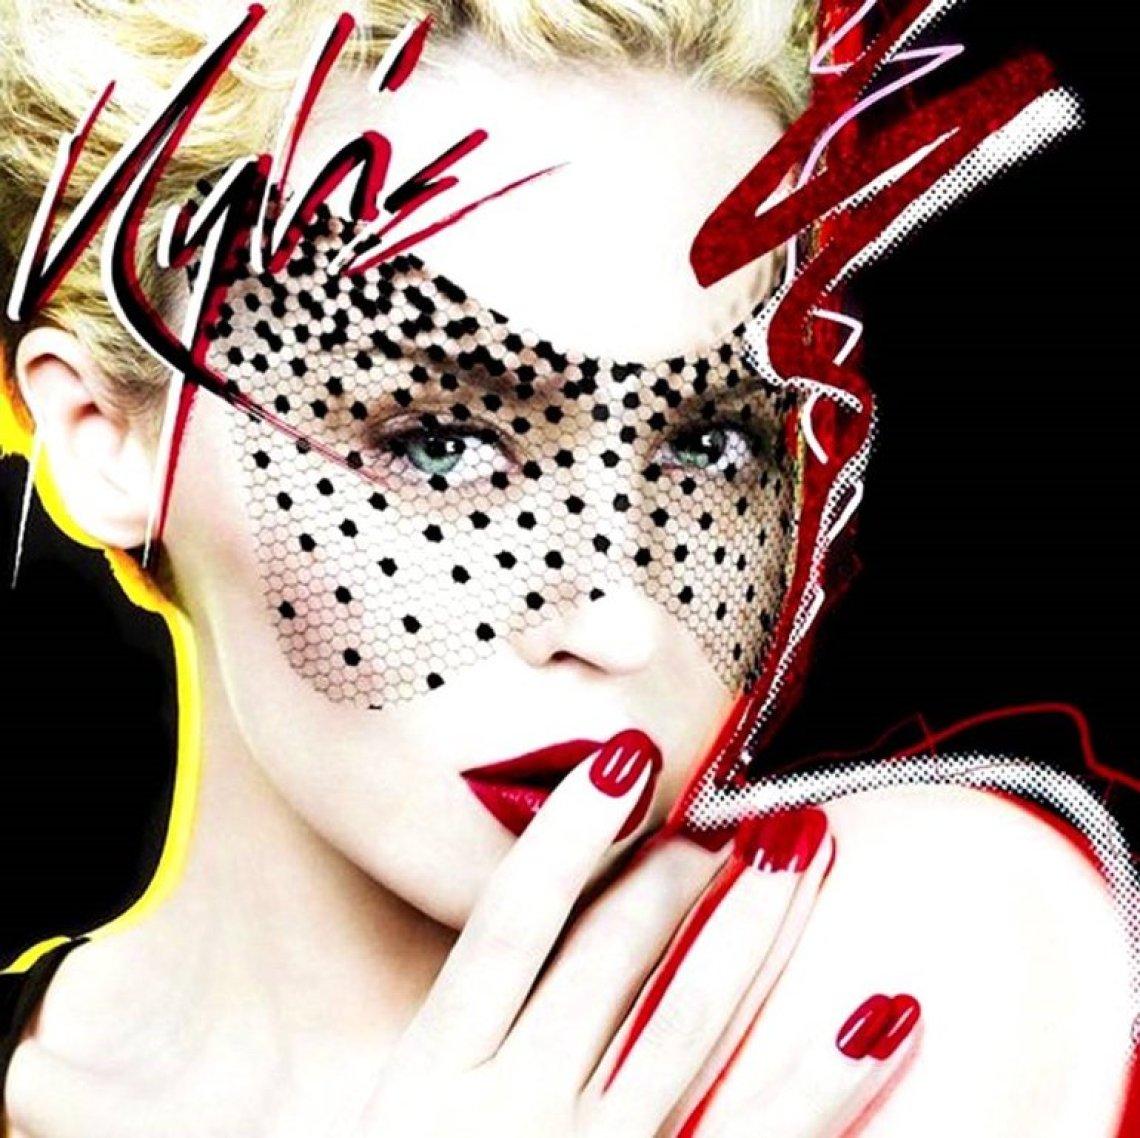 Kylie Minogue X album cover